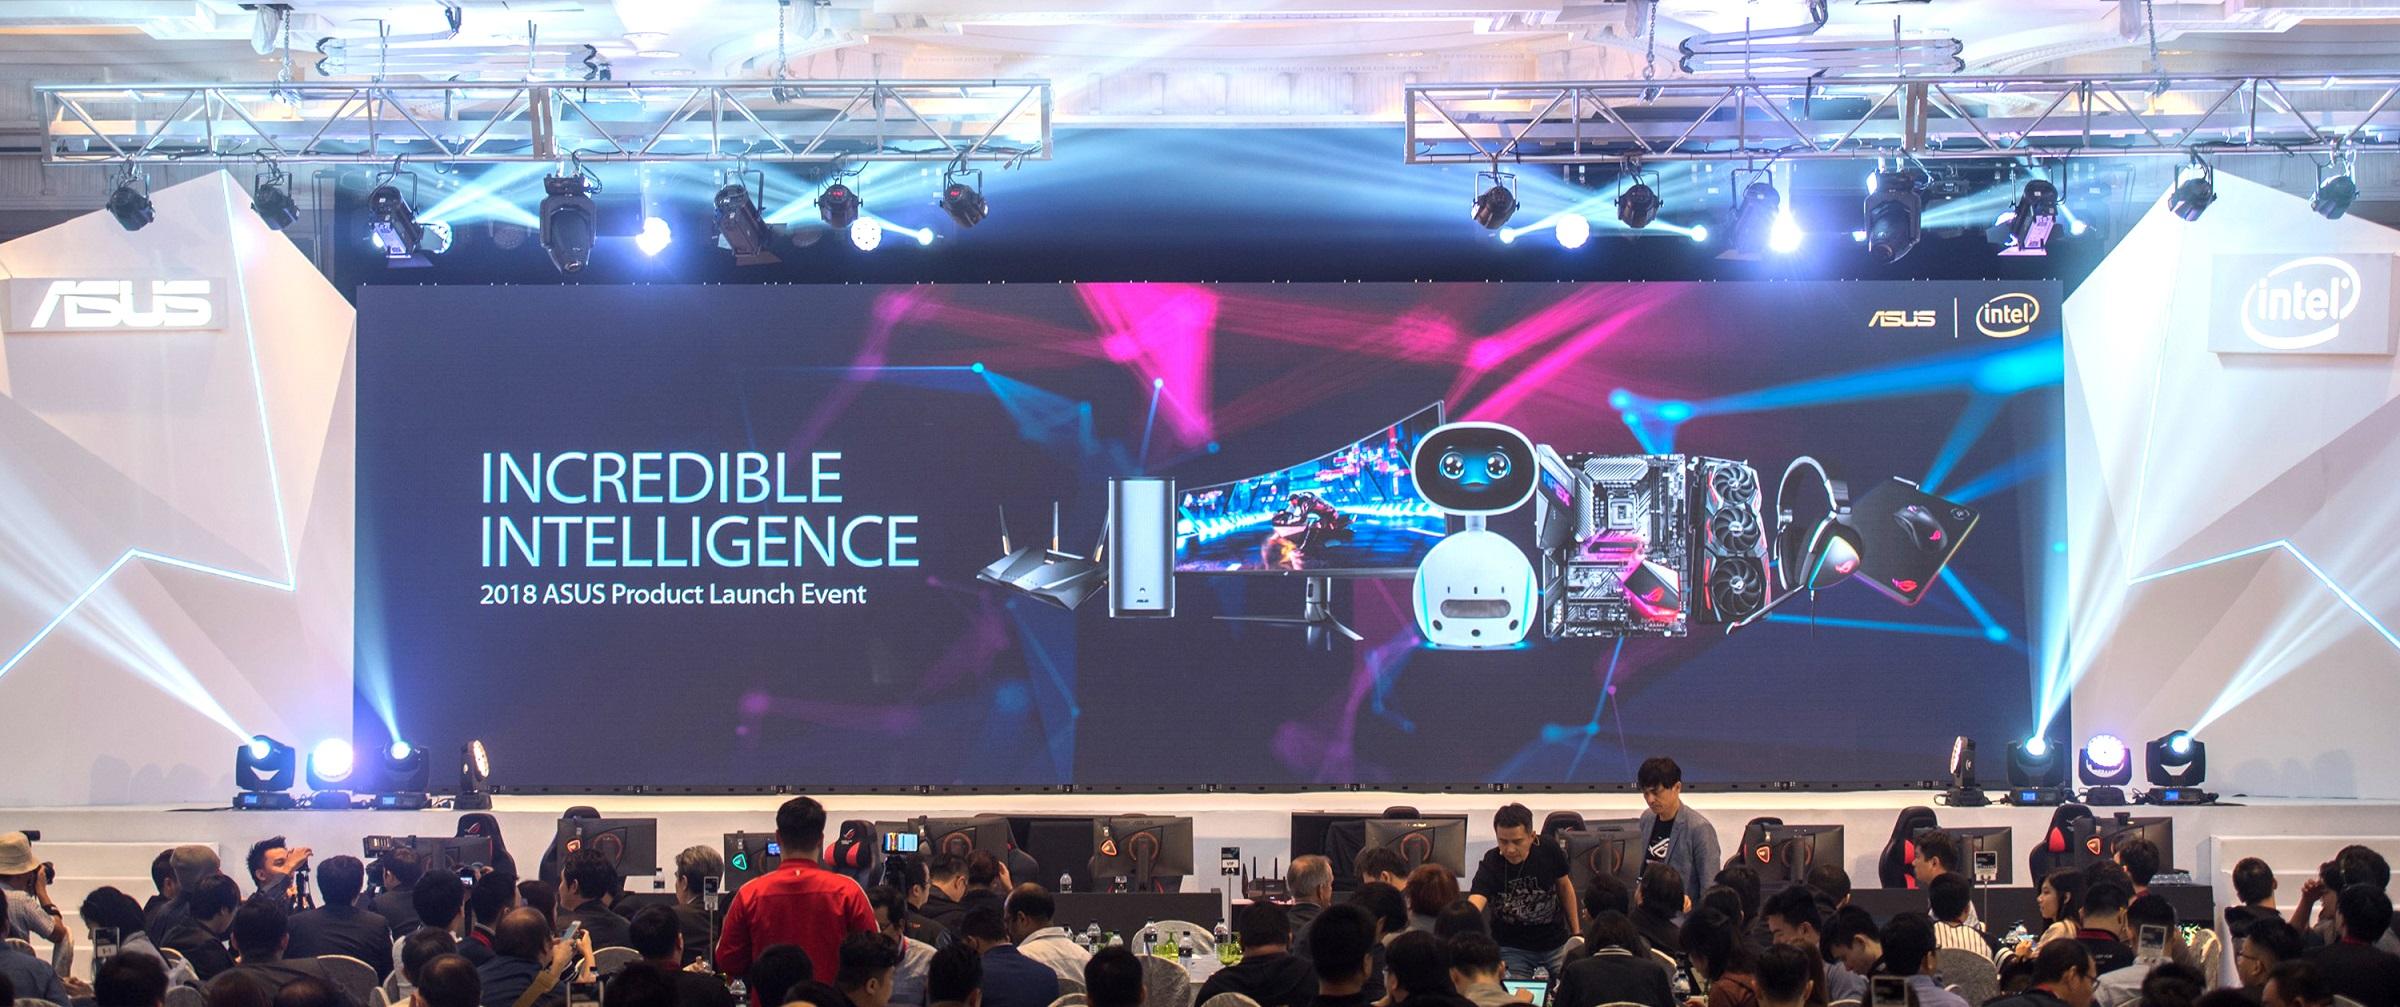 asus hosts incredible intelligence 2018 press event in malaysia ASUS โชว์นวัตกรรมสินค้าสำหรับการใช้งานในองค์กรธุรกิจ บ้านและการเล่นเกม ที่งาน Incredible Intelligence 2018 ประเทศมาเลเซีย